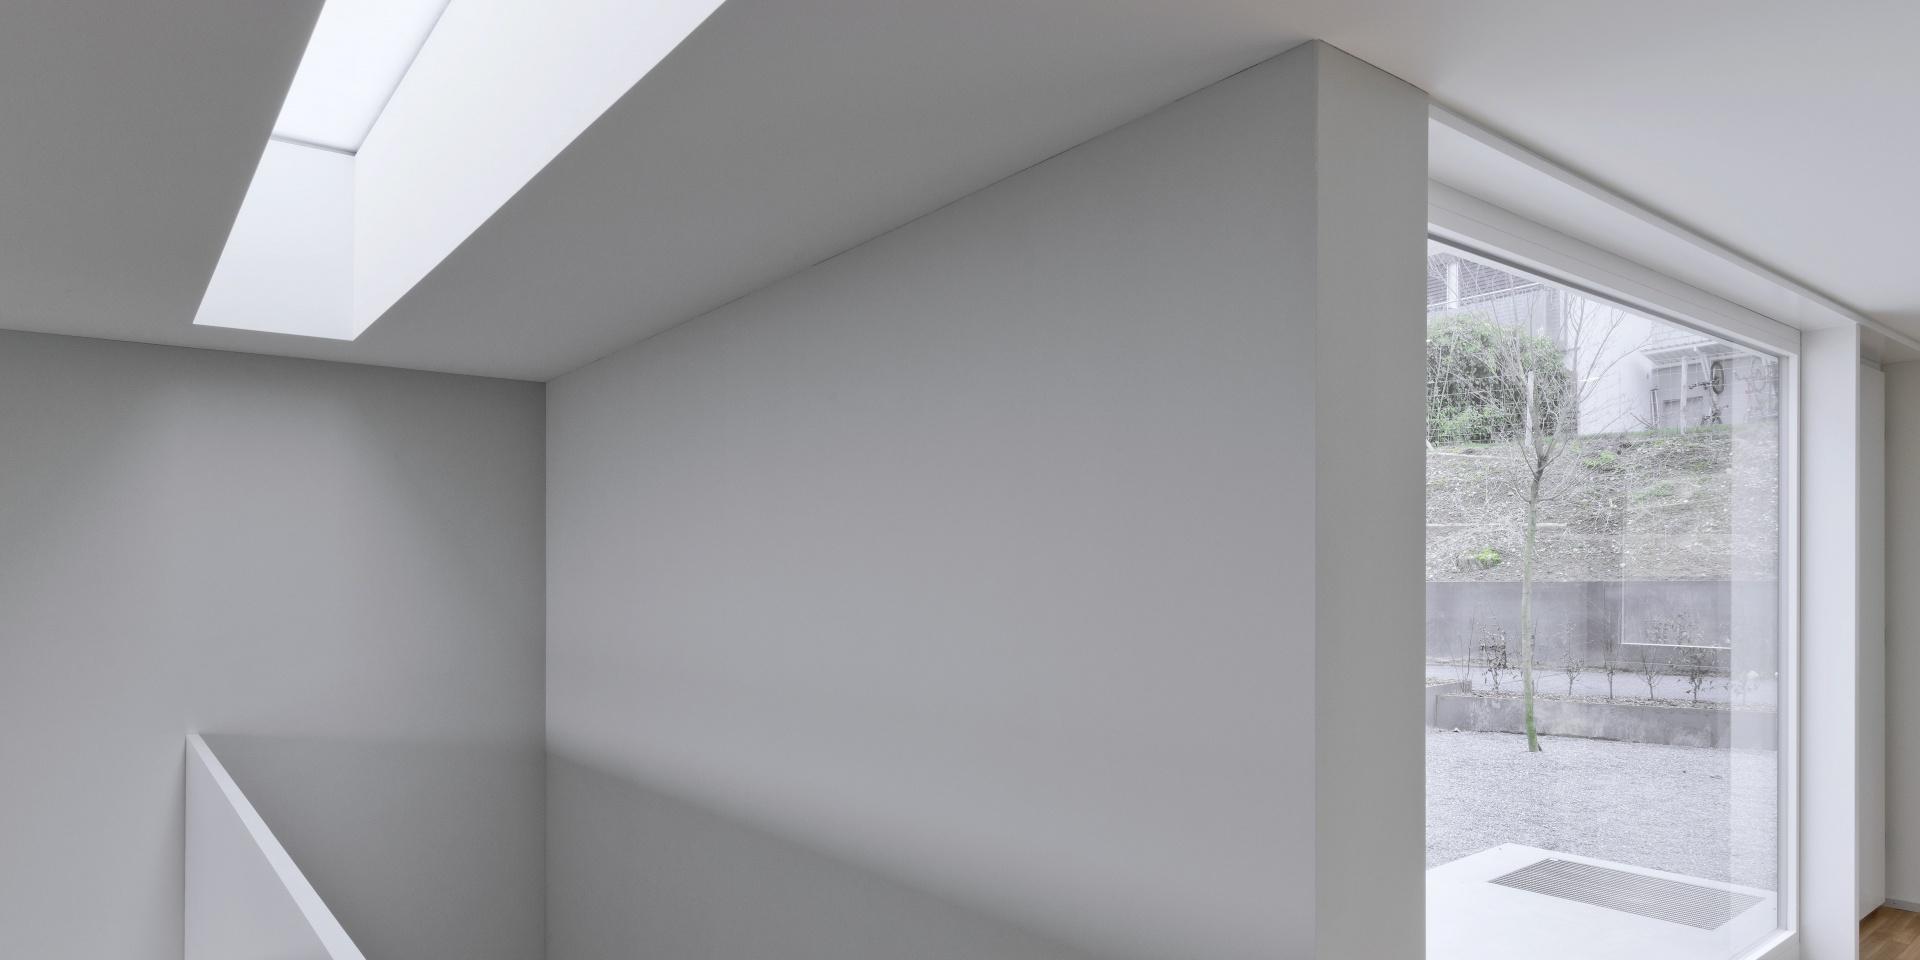 Terppenhaus mit Oblicht  © René Rötheli, Atelier Fotografie, Bruggerstrasse 37 5400 Baden